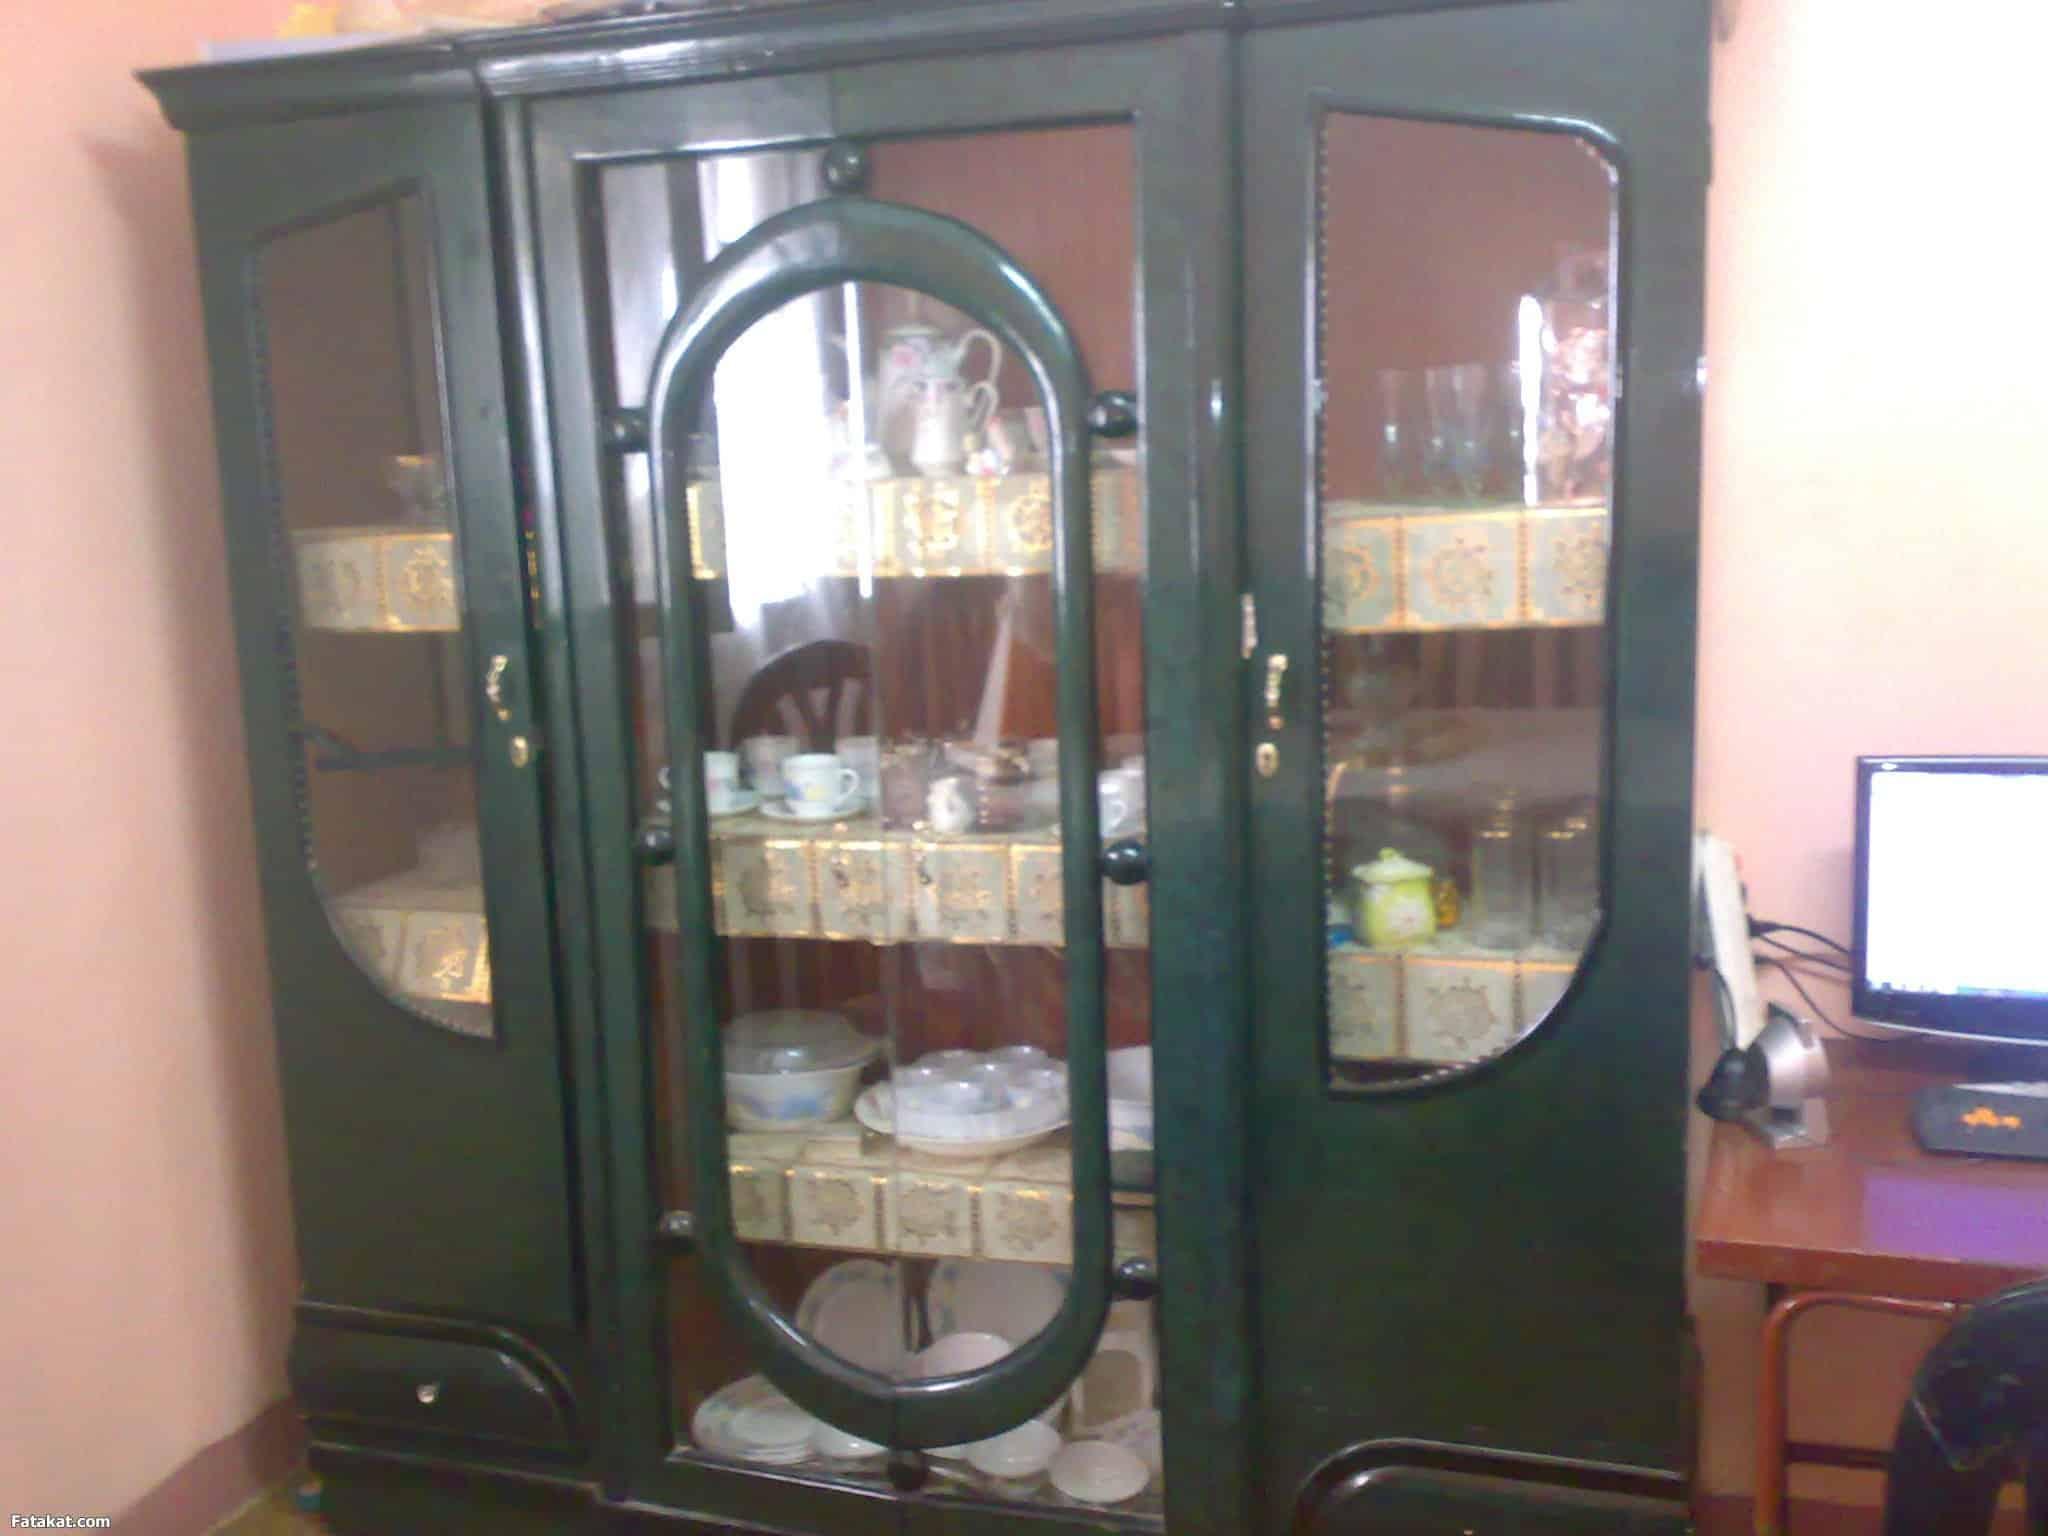 شركة شراء اثاث مستعمل بجدة 0537876978 مؤسسة الخالدي لبيع وشراء